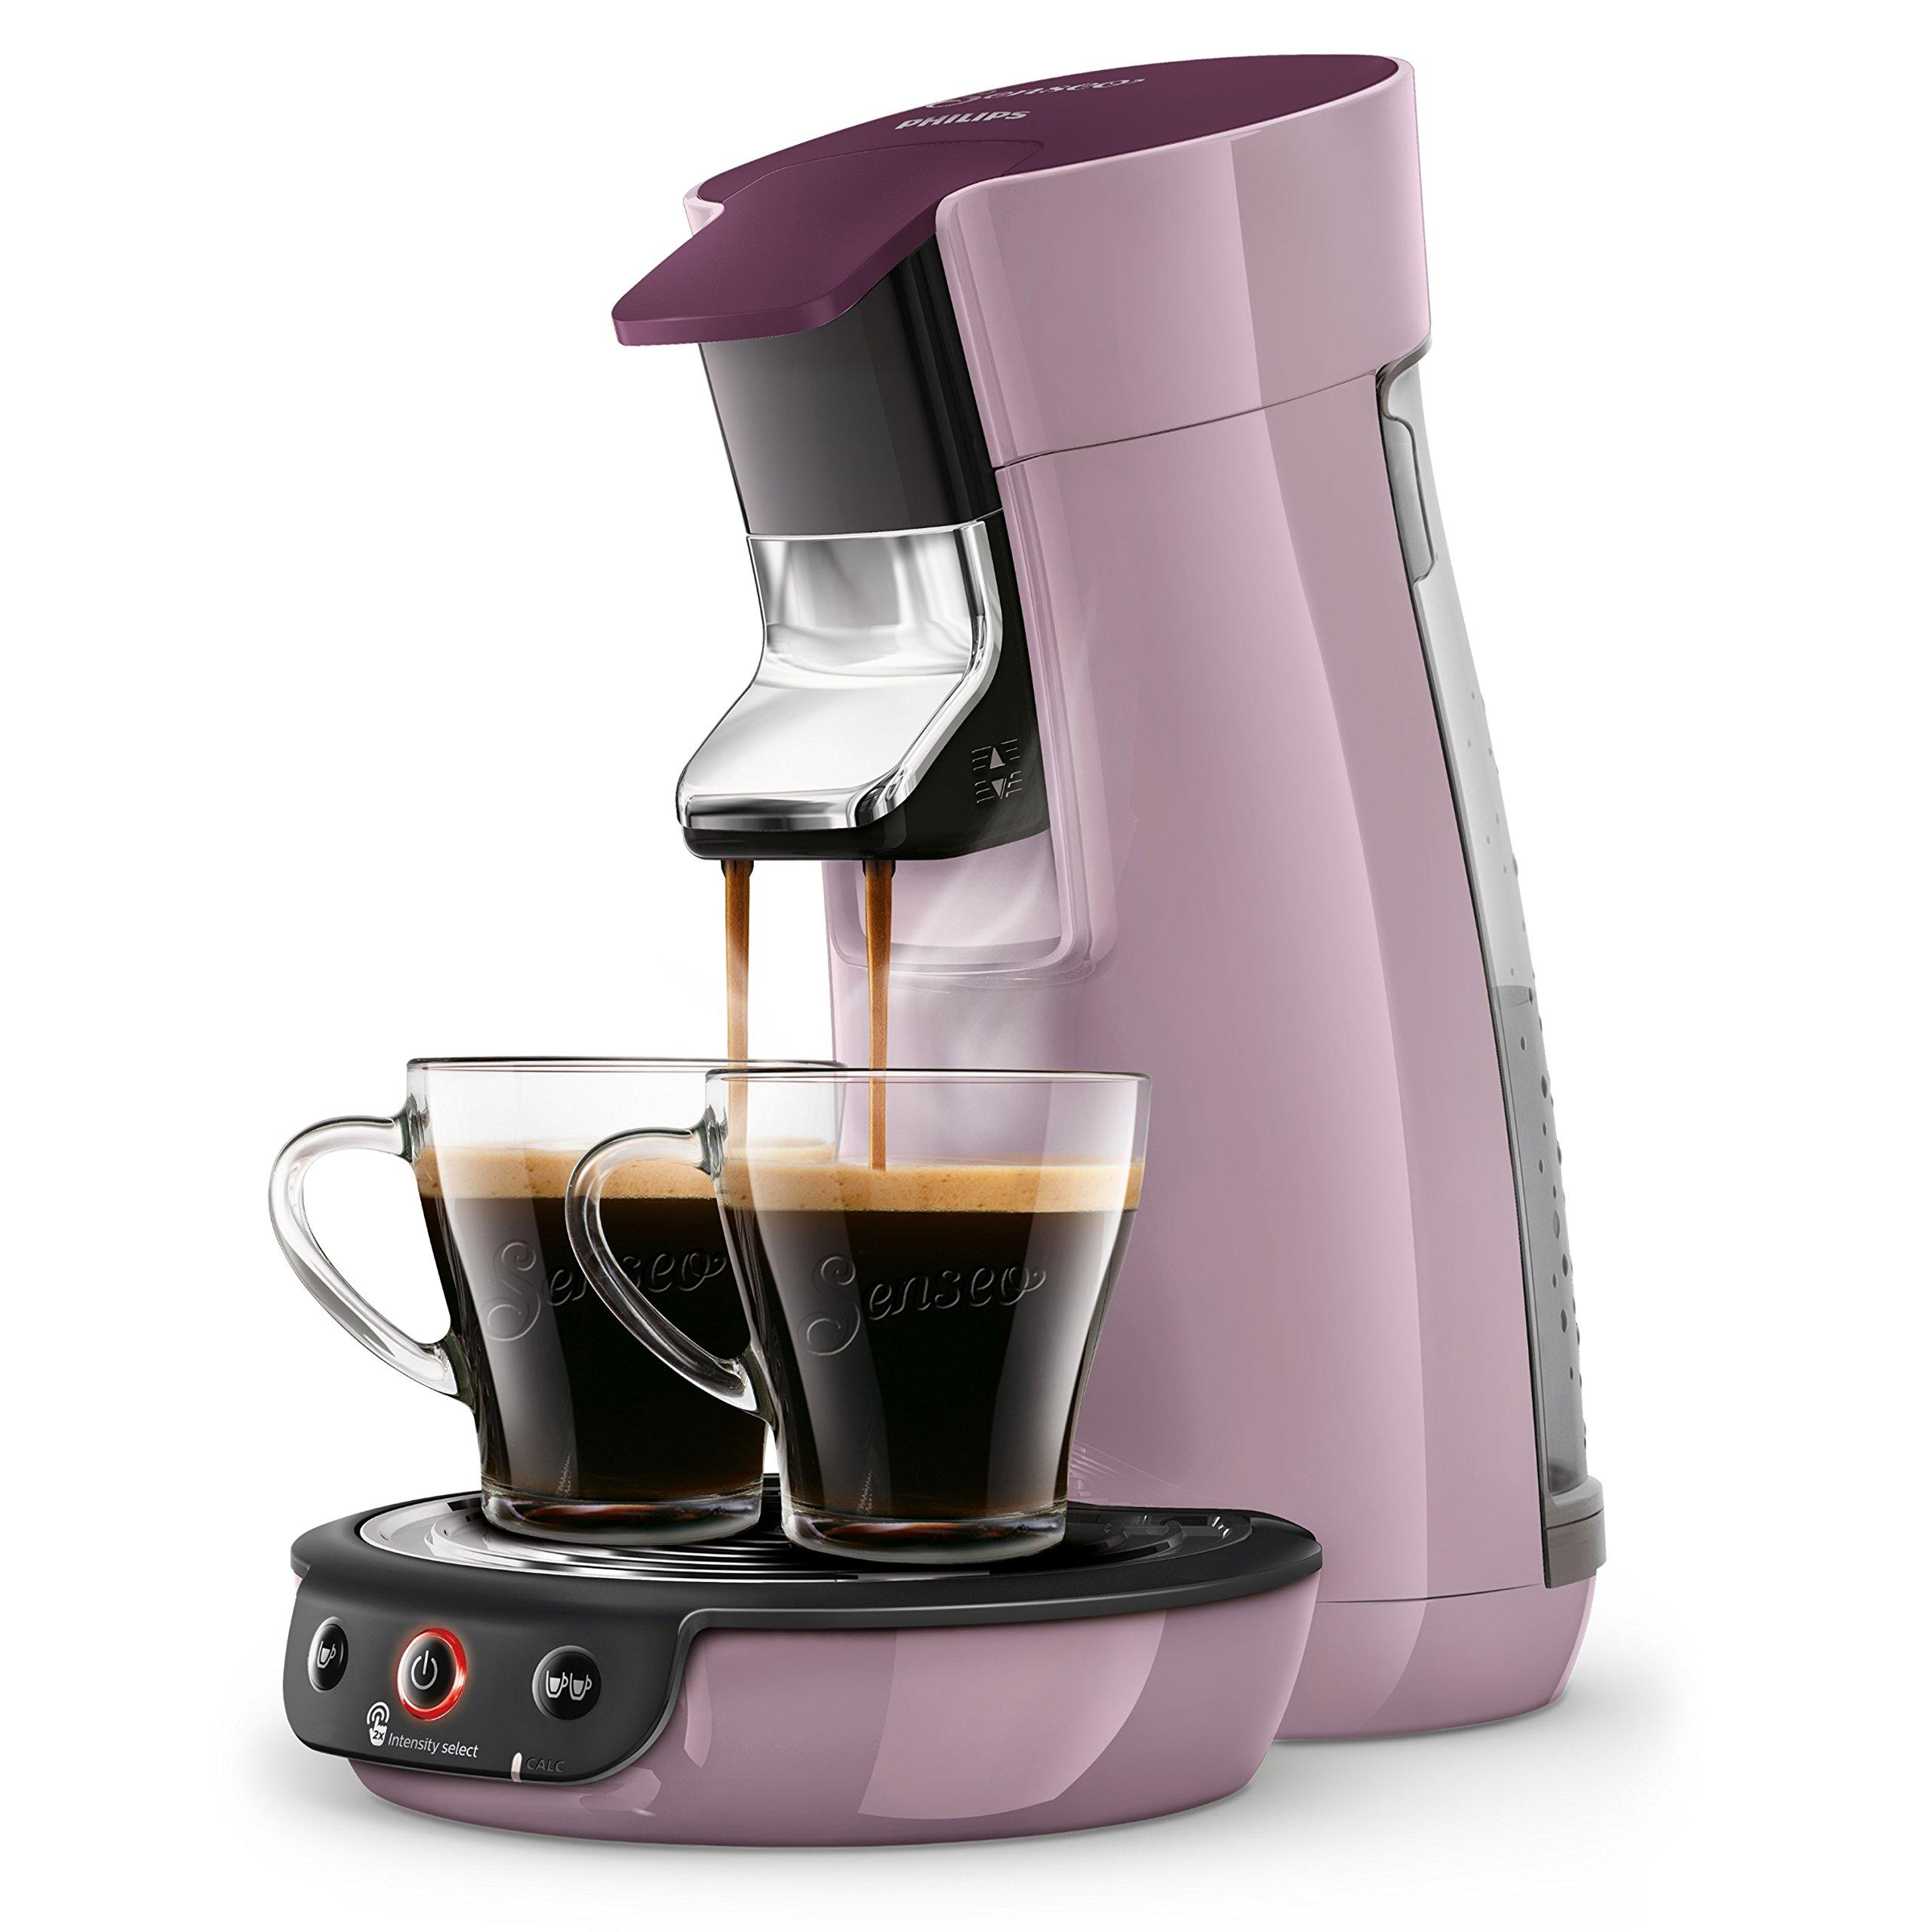 c11823267044d7 Philips HD6563 41 Machine à Café à Dosettes SENSEO Viva Café Lilas Pastel  product image